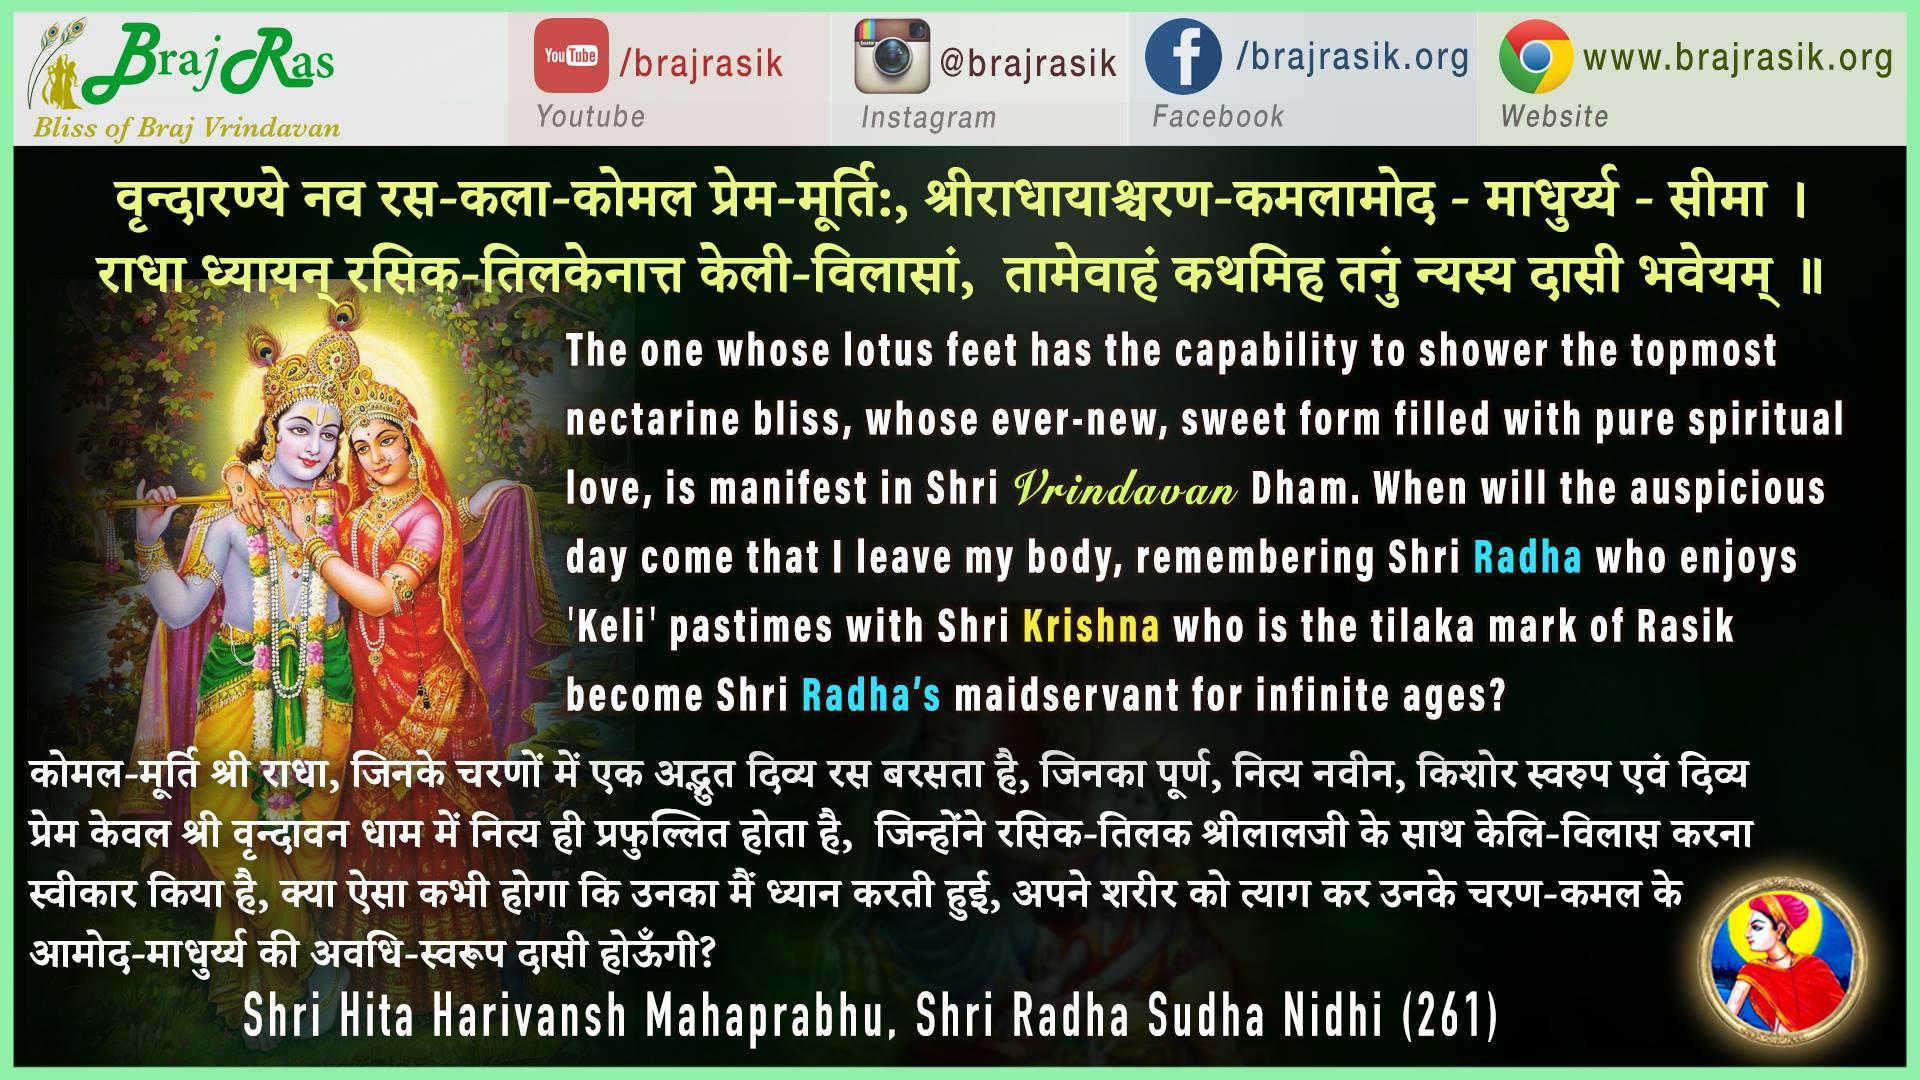 Vrindaranye Nav Ras Kala Komal Prem Murti - Shri Hita Harivansh Mahaprabhu, Shri Radha Sudha Nidhi (261)